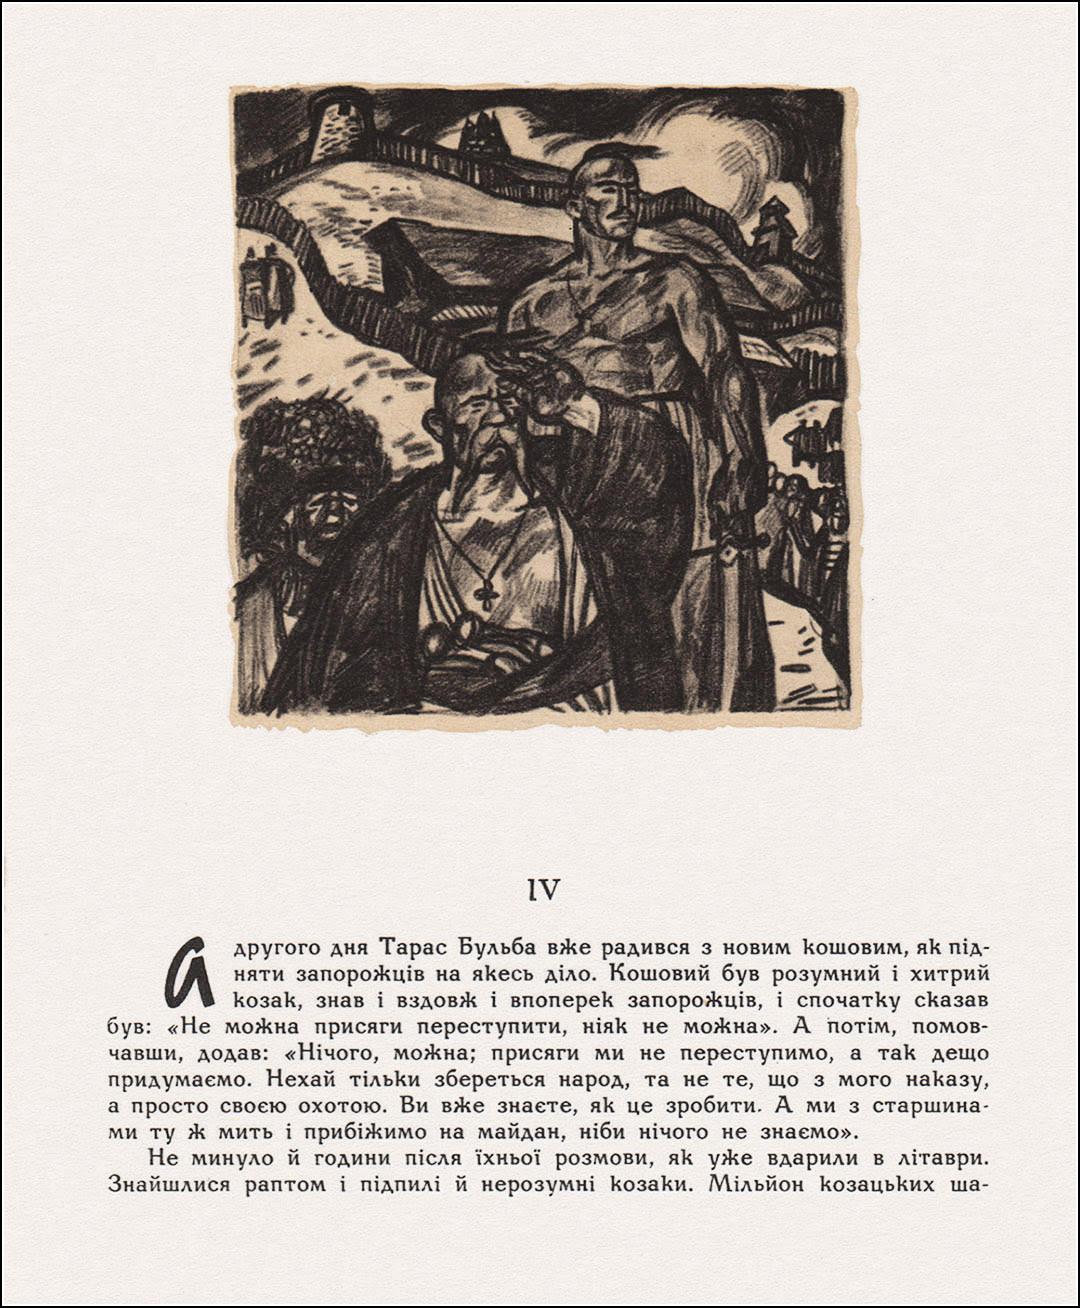 В.К. Авраменко, Гоголь, Тарас Бульба